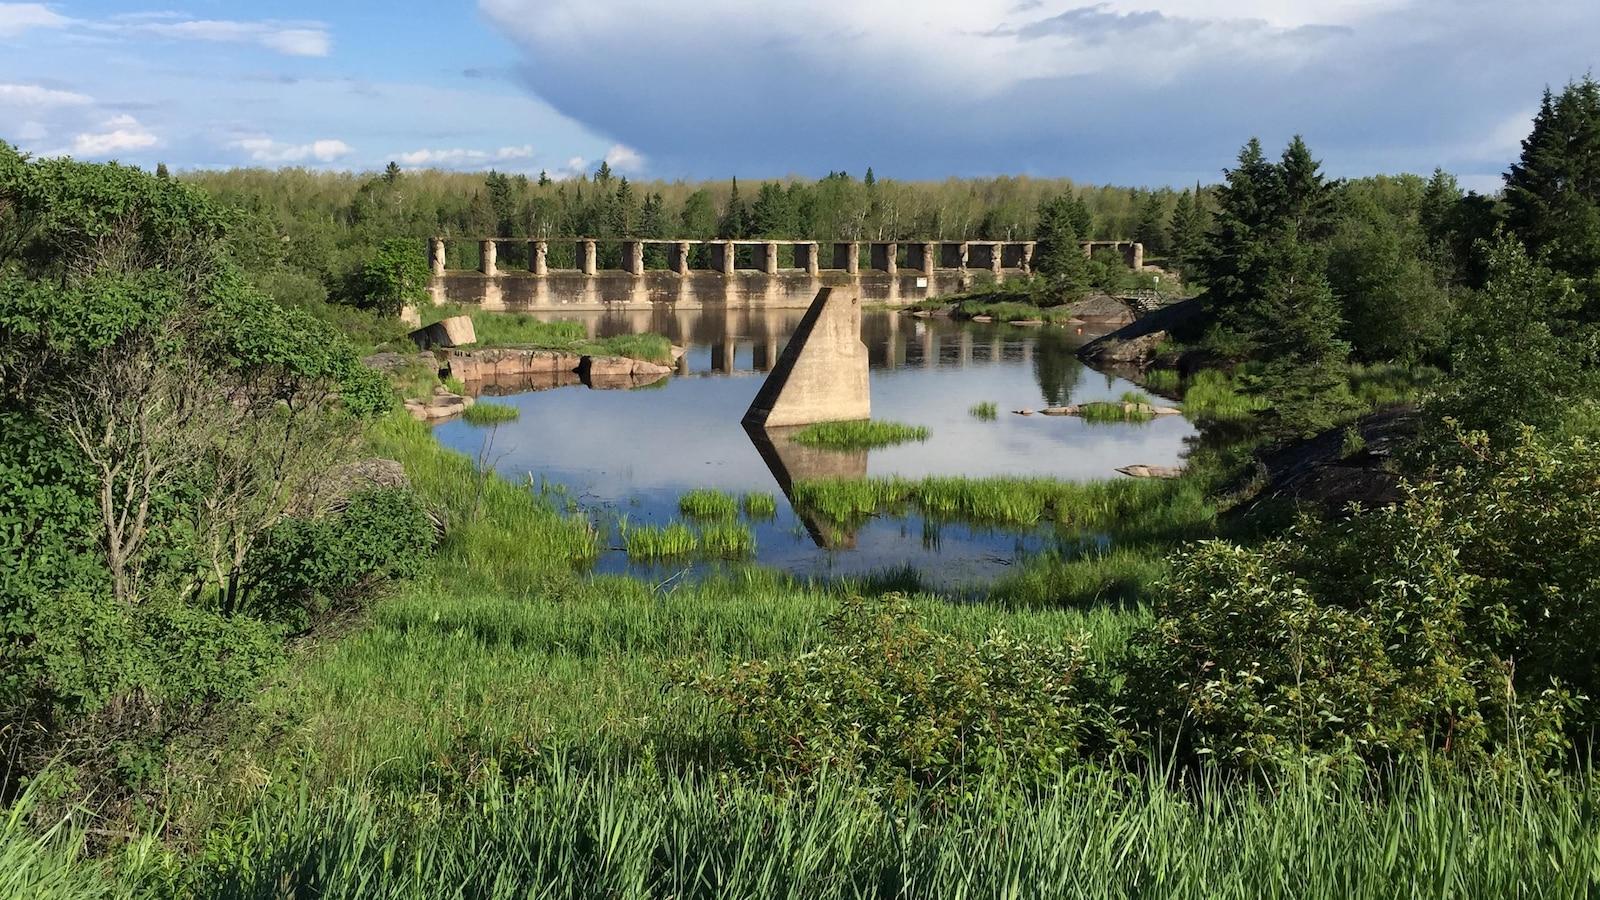 Les ruines du barrage vues de face sur le canal Pinawa